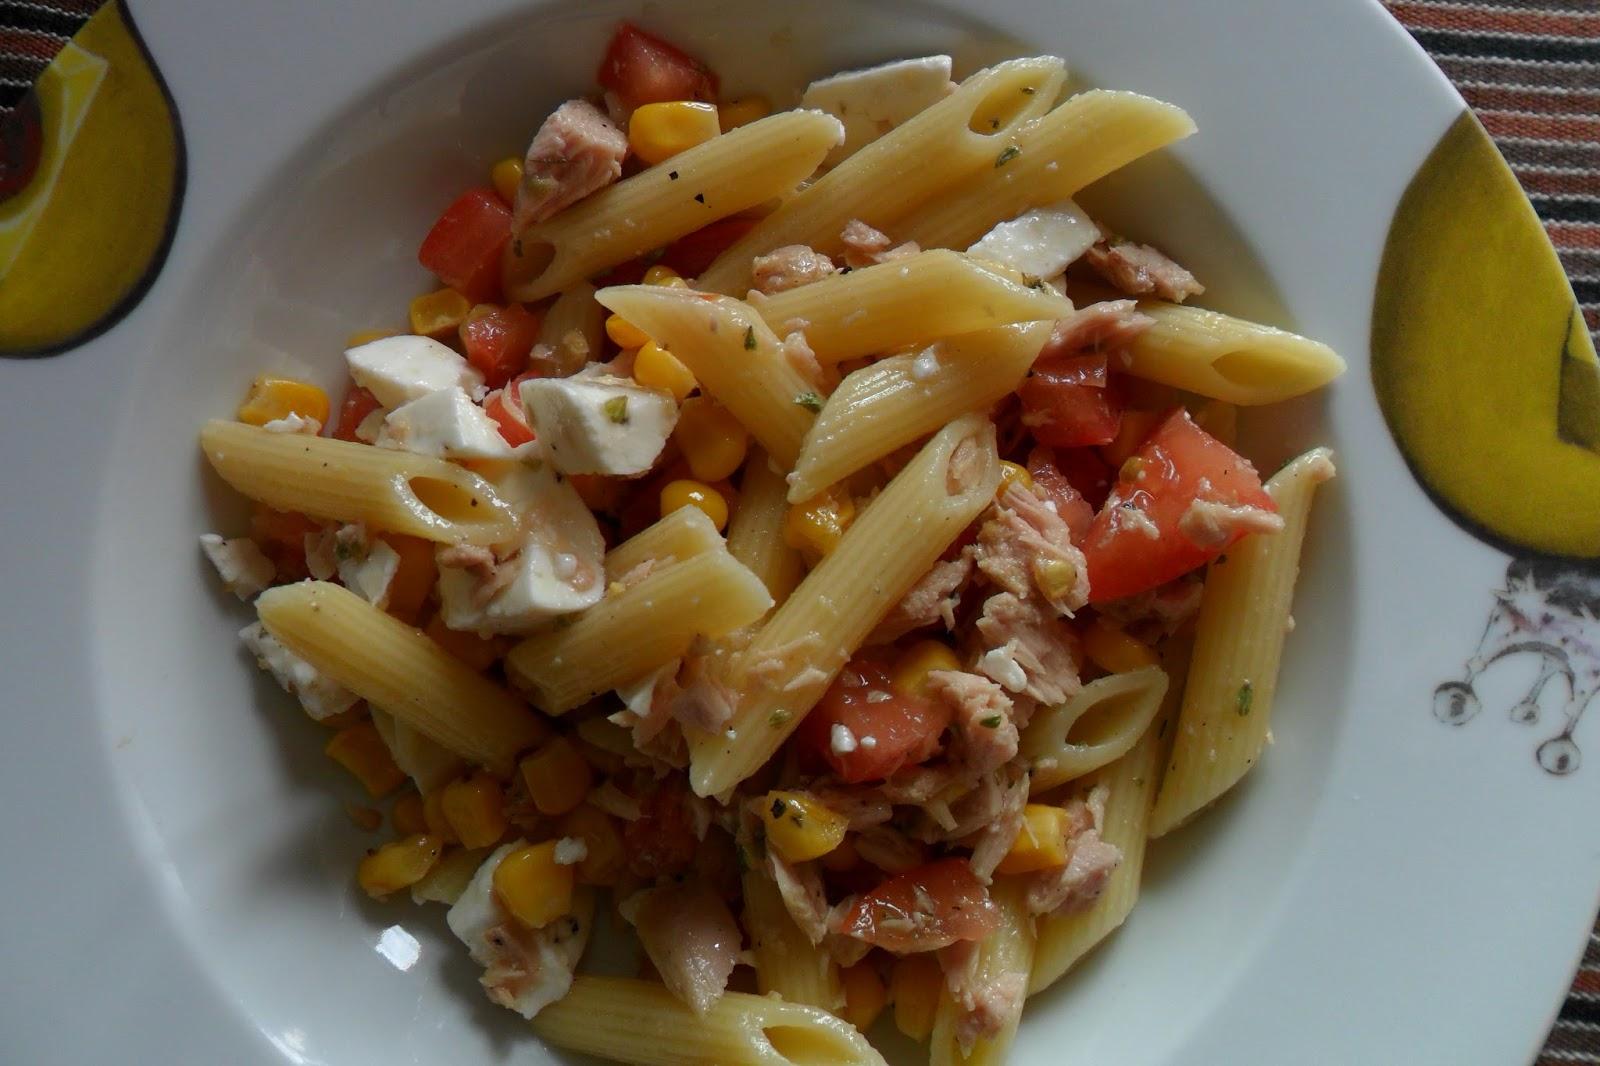 Mis recetas r pidas y sorprendentes recetasdebelen - Comidas baratas y rapidas ...